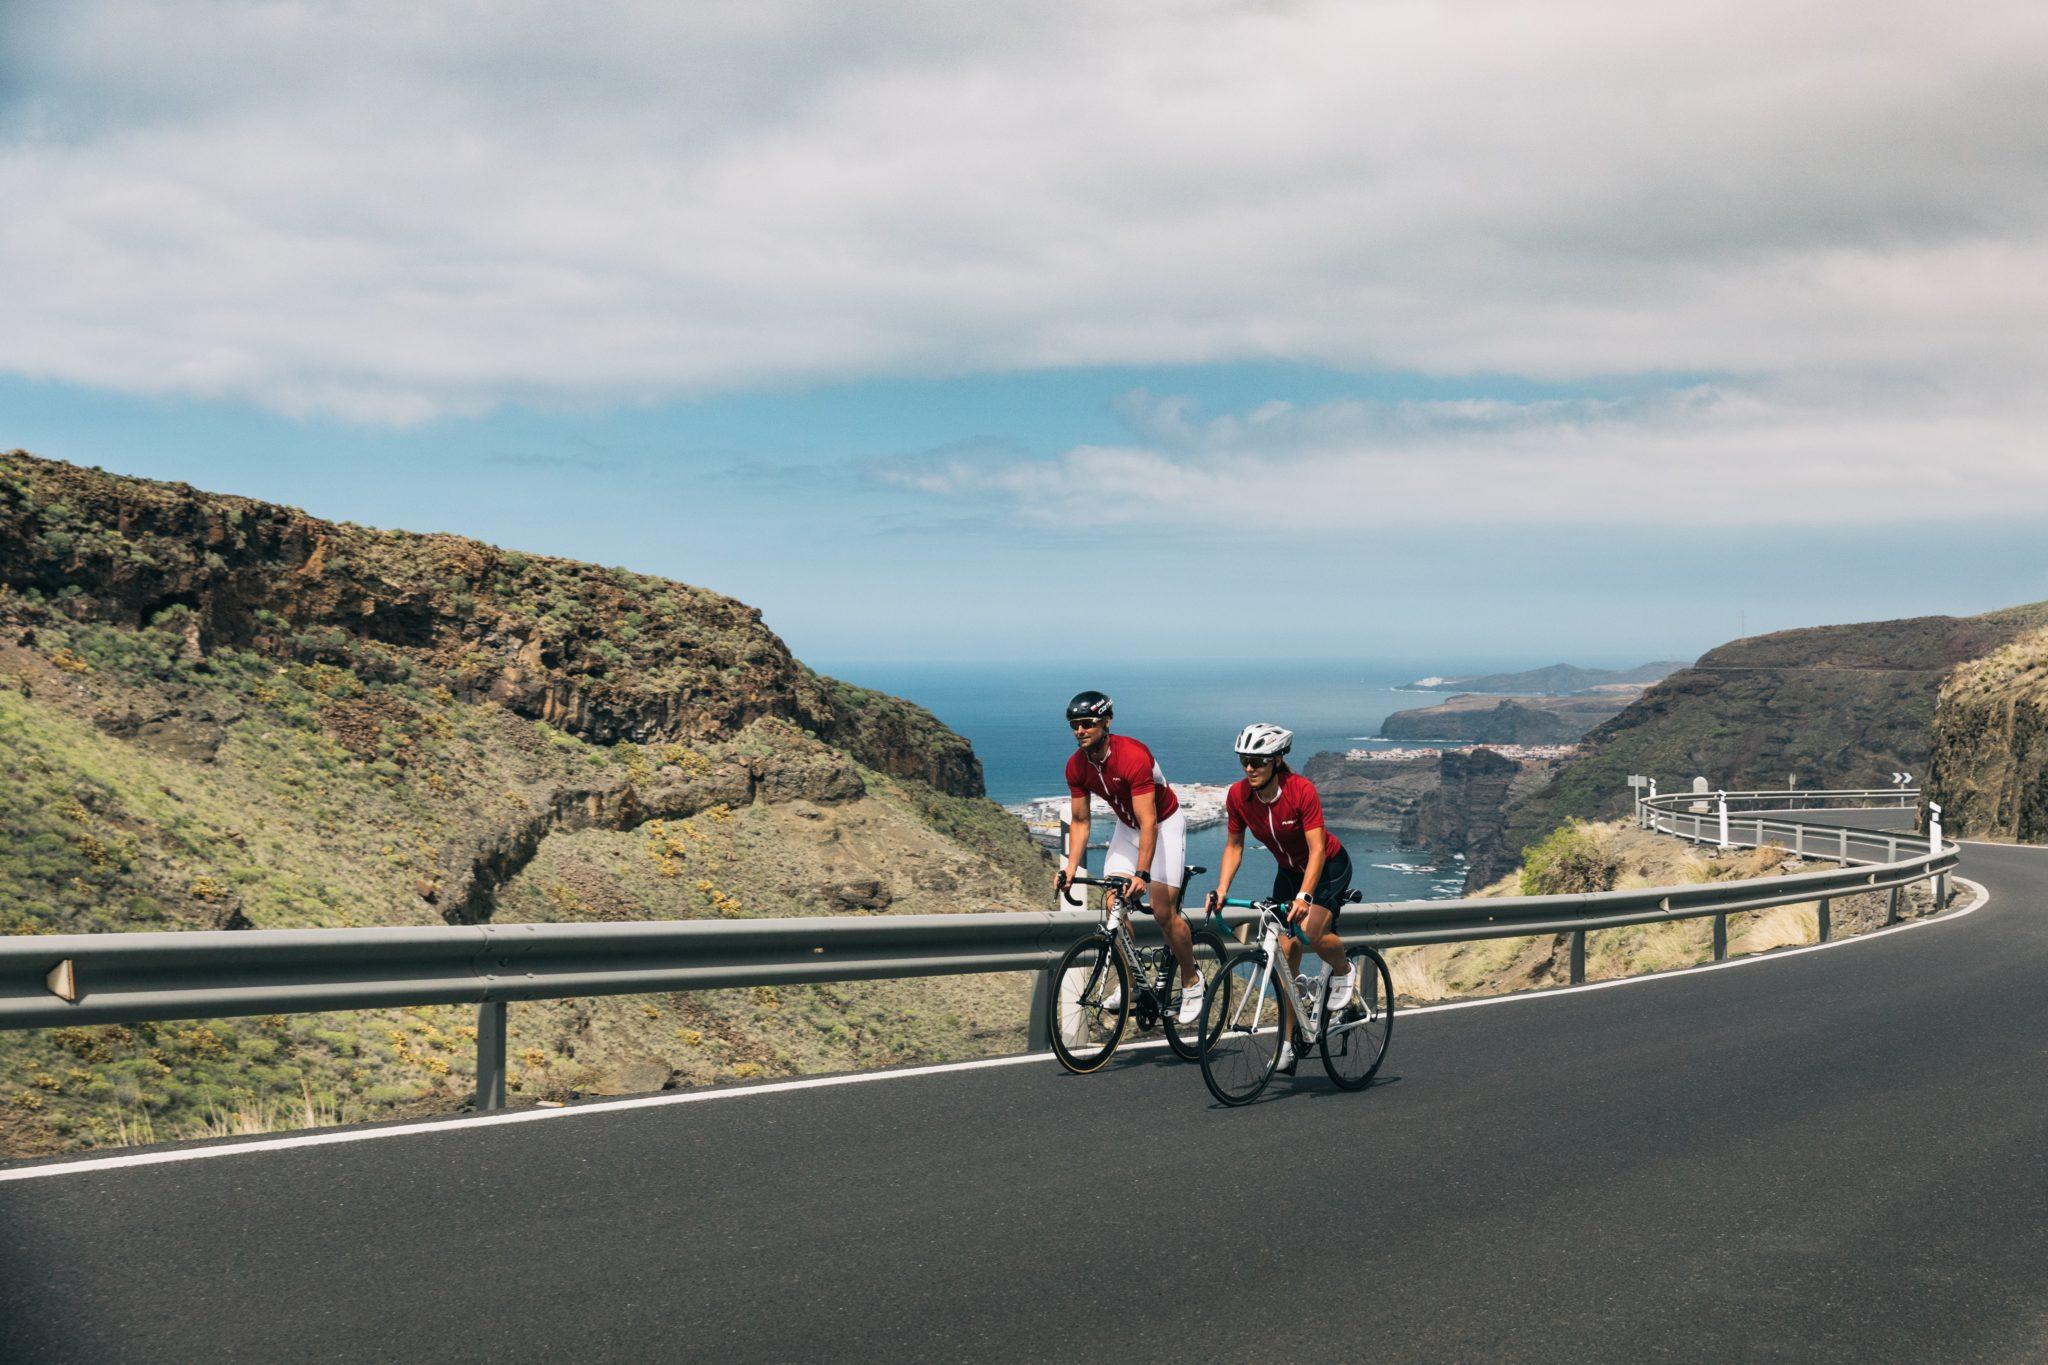 Les meilleures destinations où faire du vélo au soleil en hiver